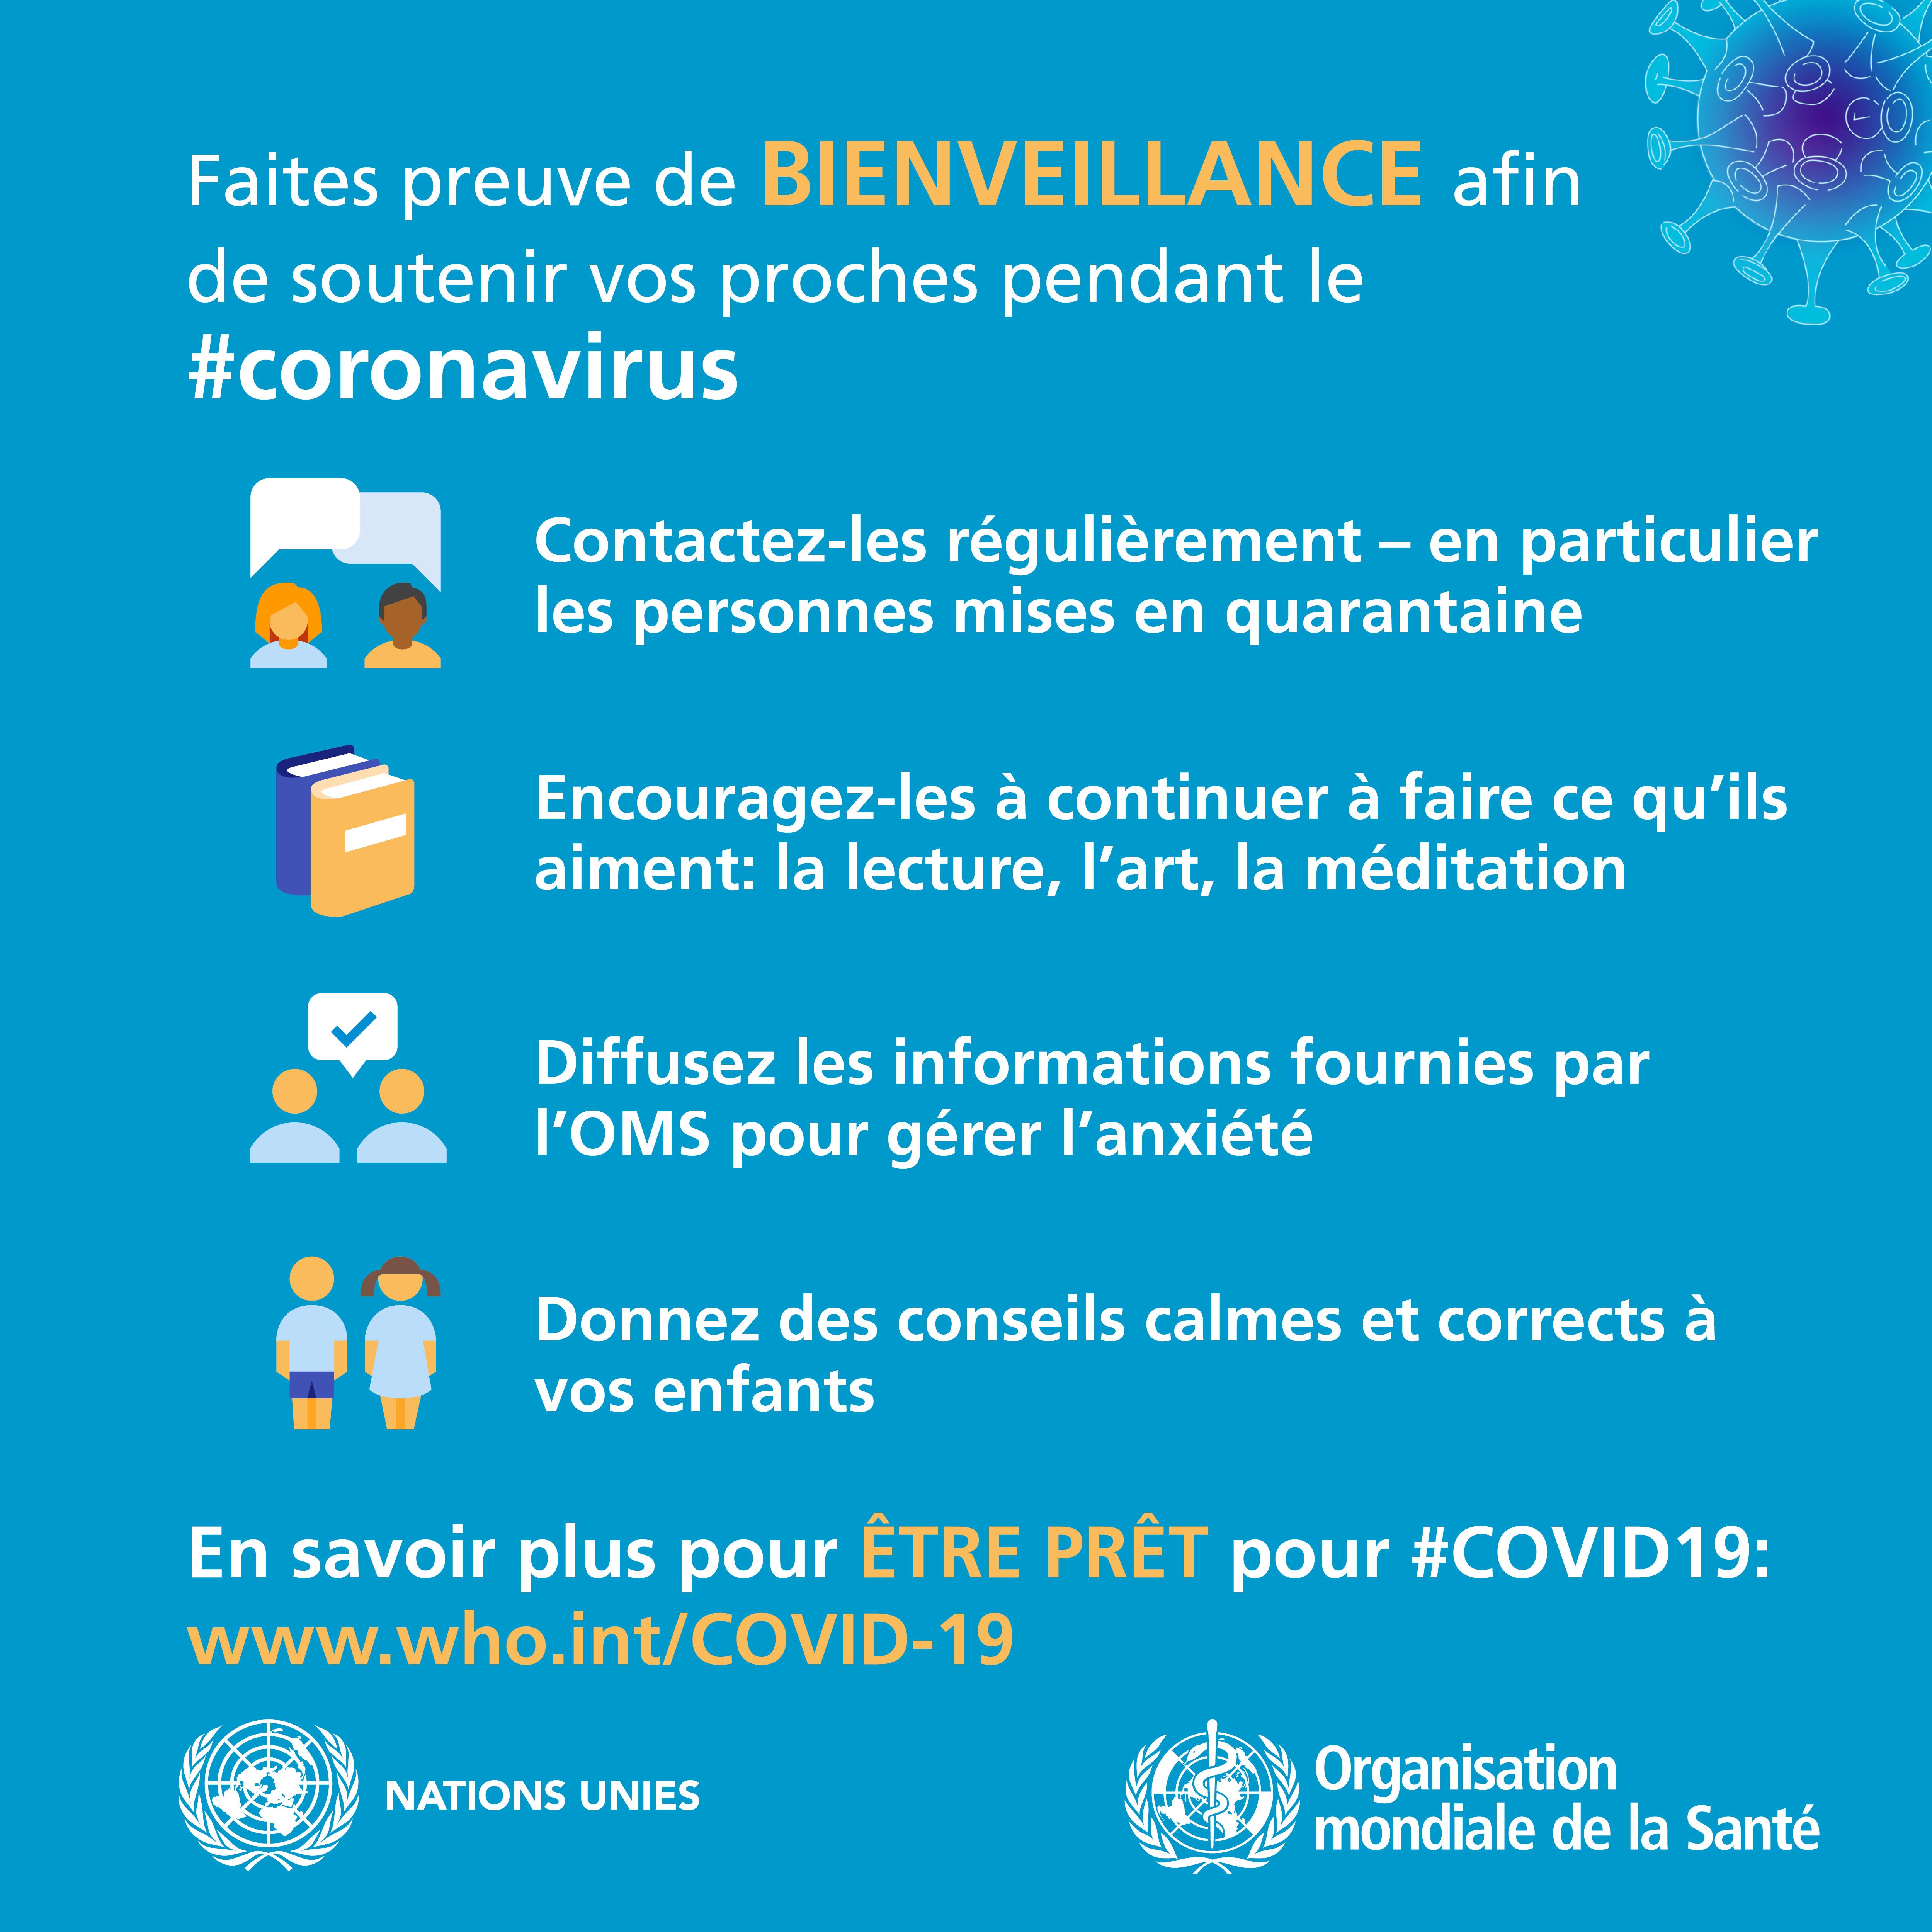 NCoV 2019: comment prévenir la contagion